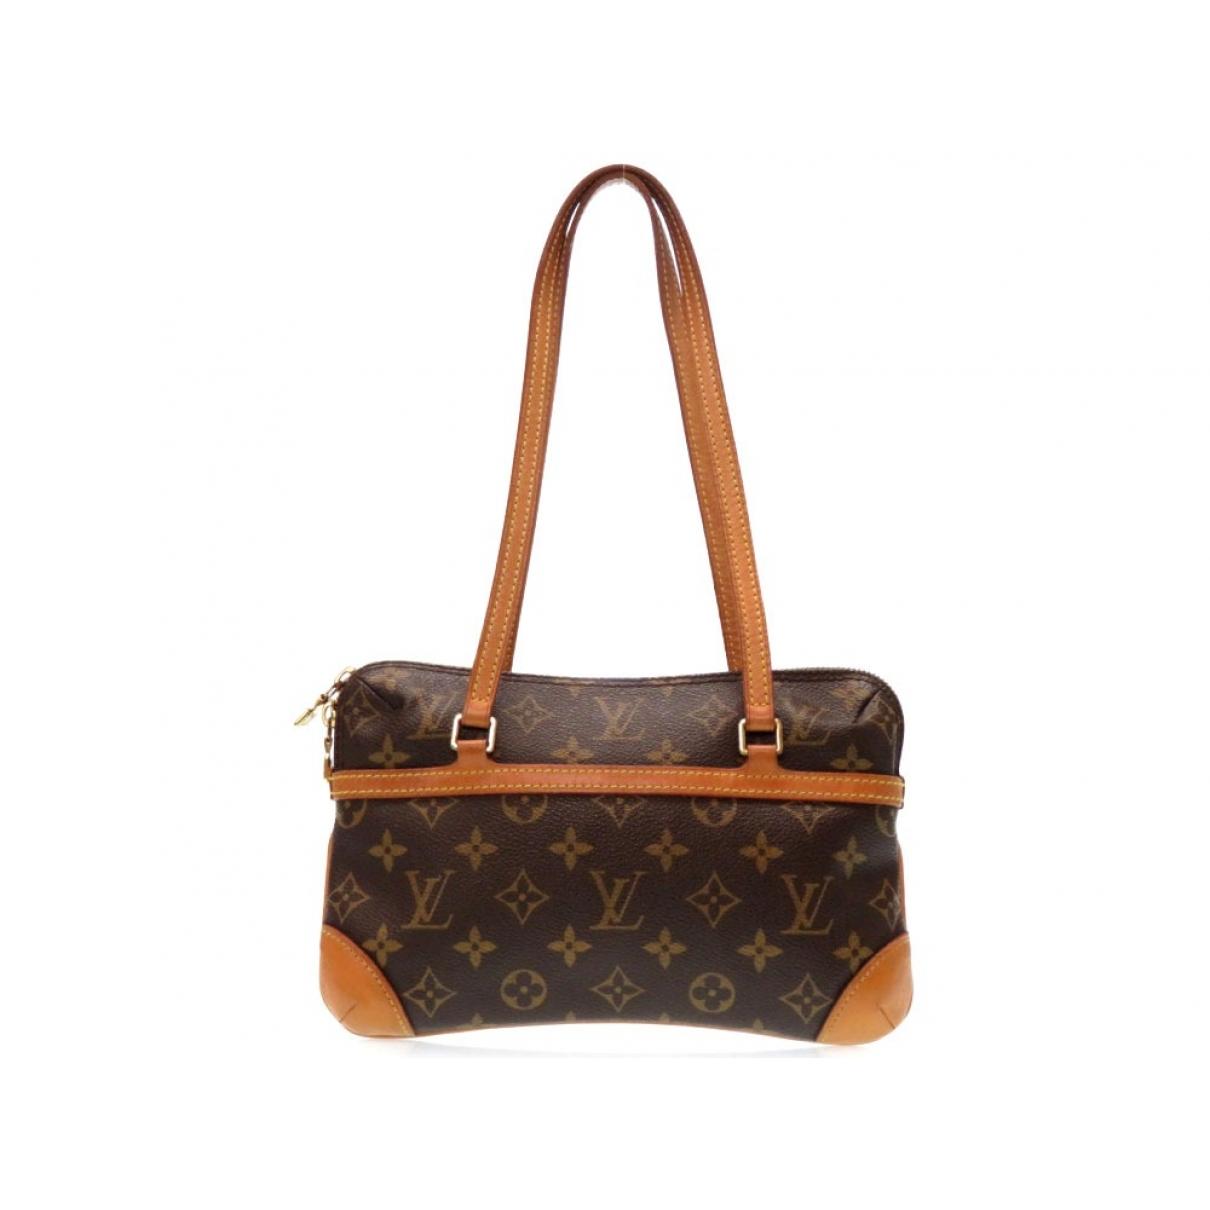 Louis Vuitton Coussin Brown Cloth handbag for Women \N